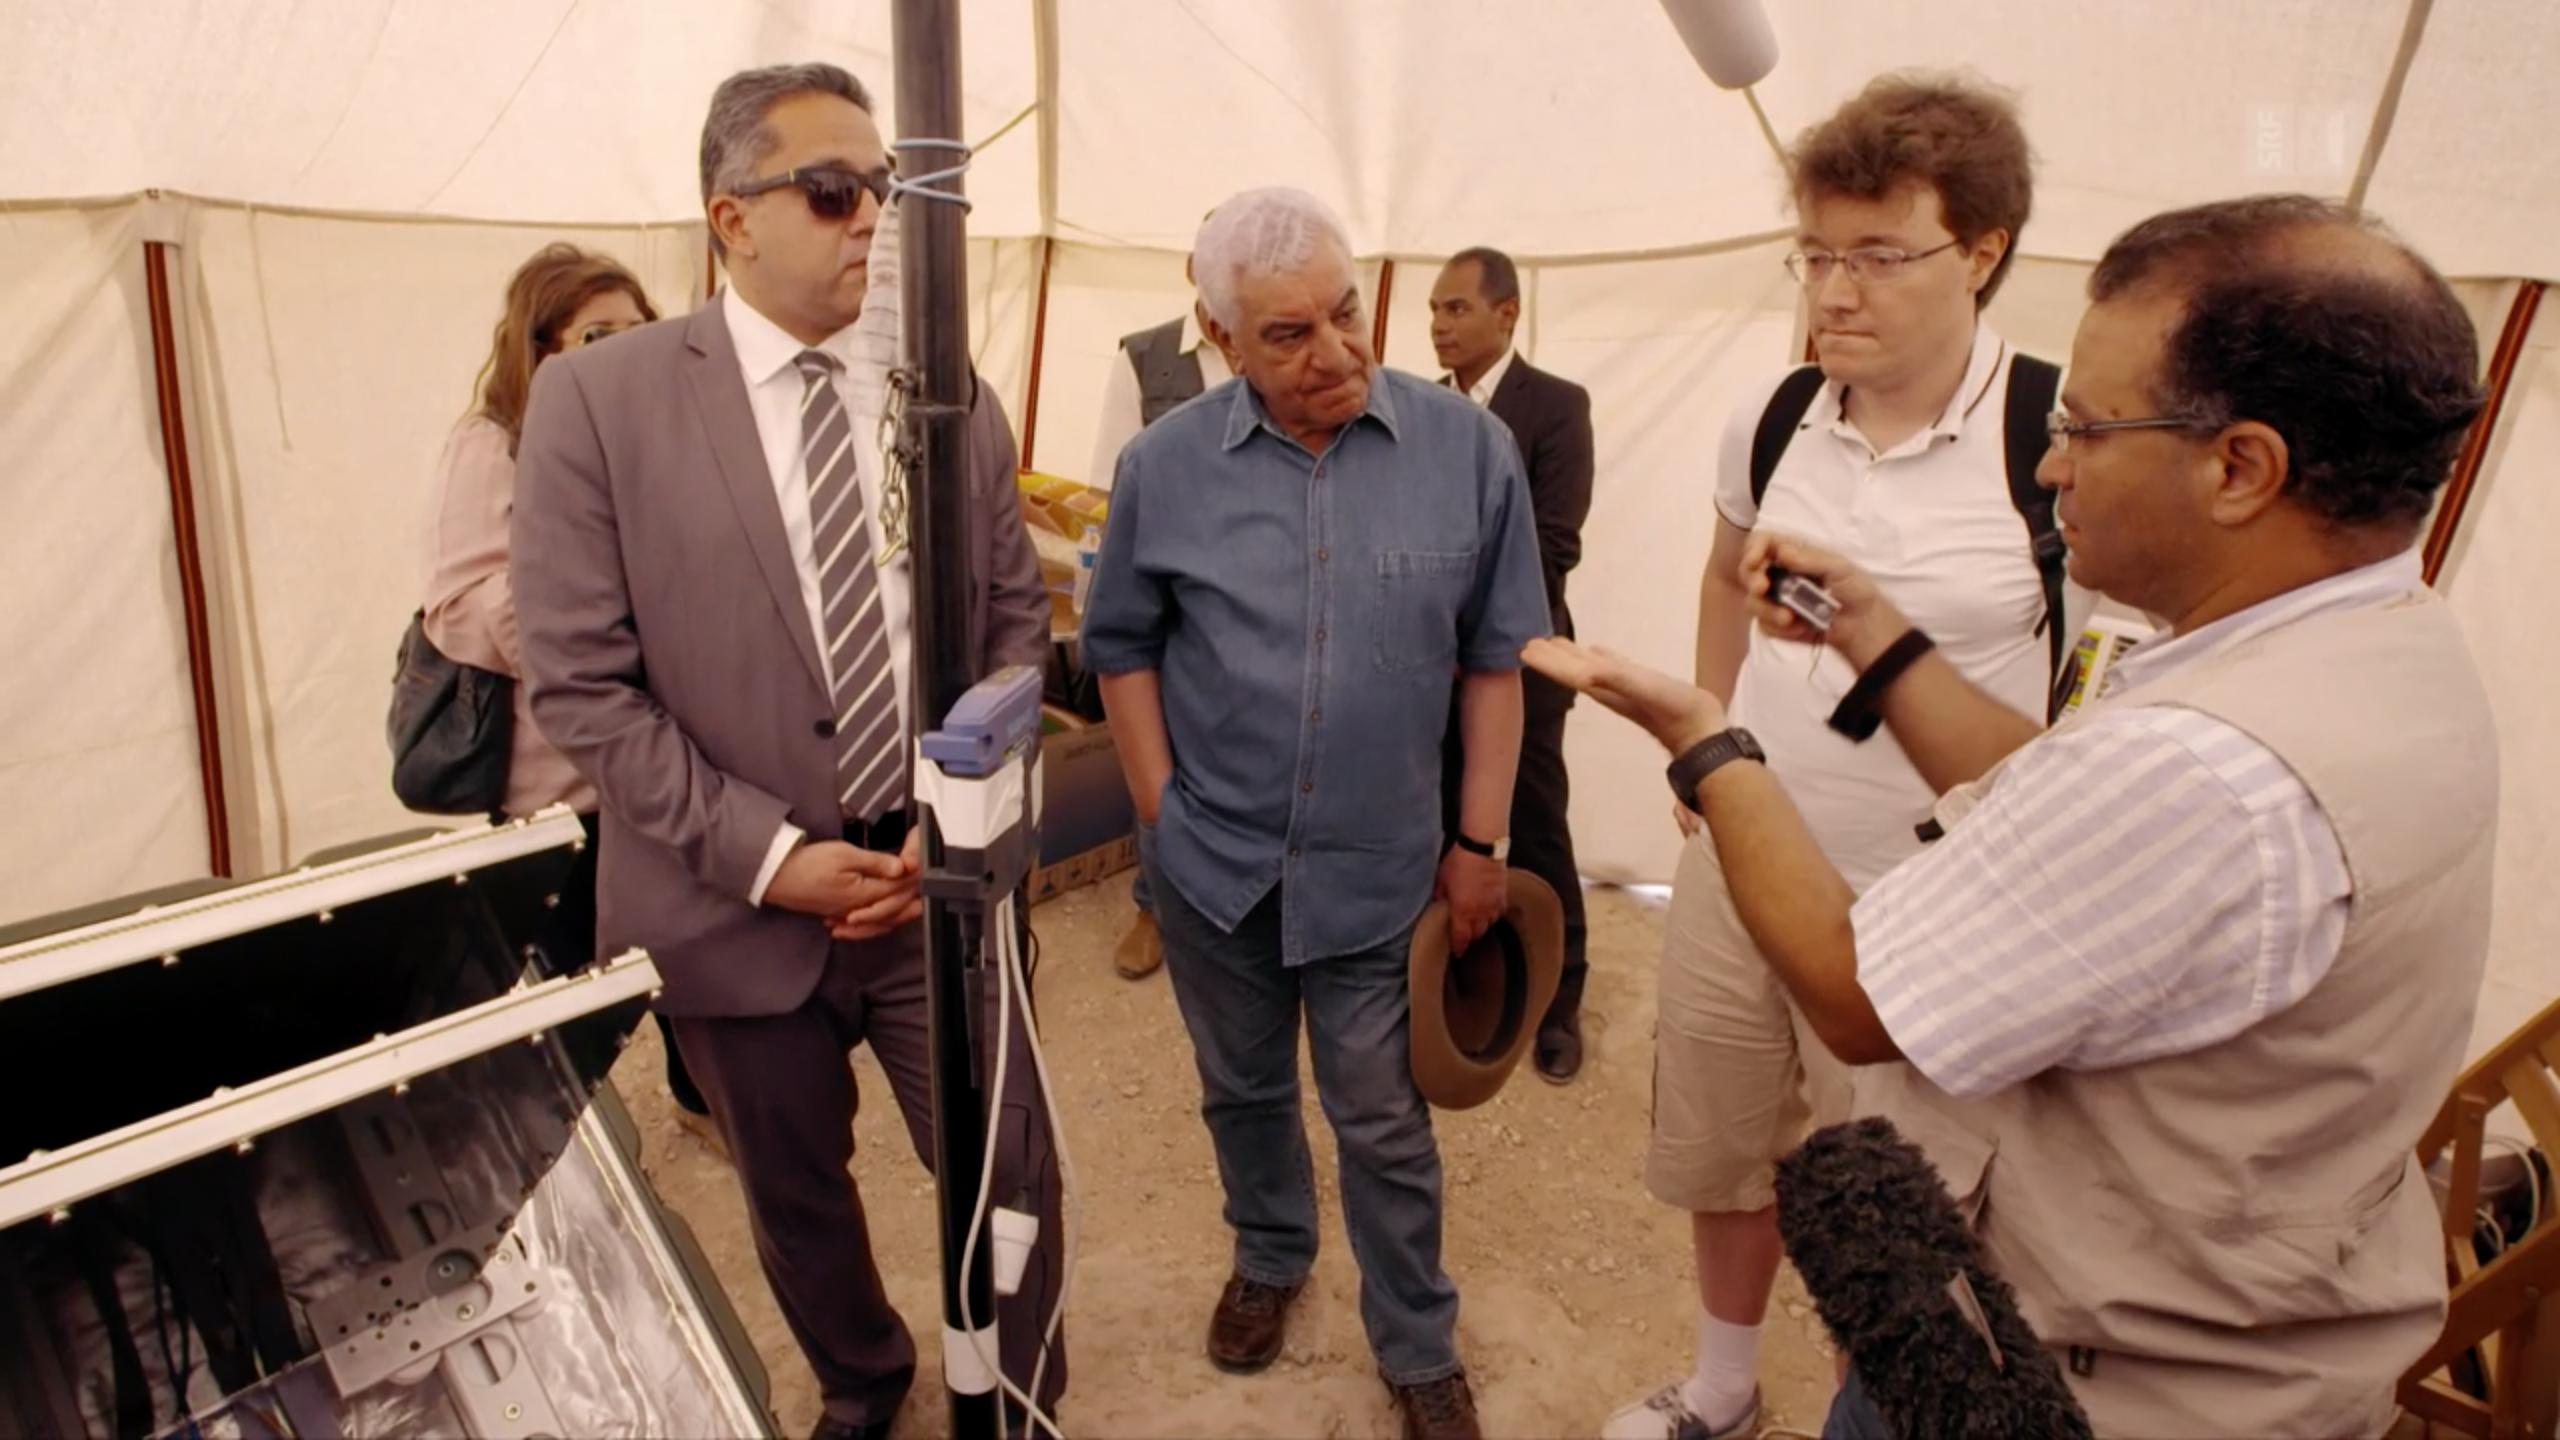 Chef-Ägyptologe Zahi Hawass im Gespräch mit Forschern von Scan-Pyramids.